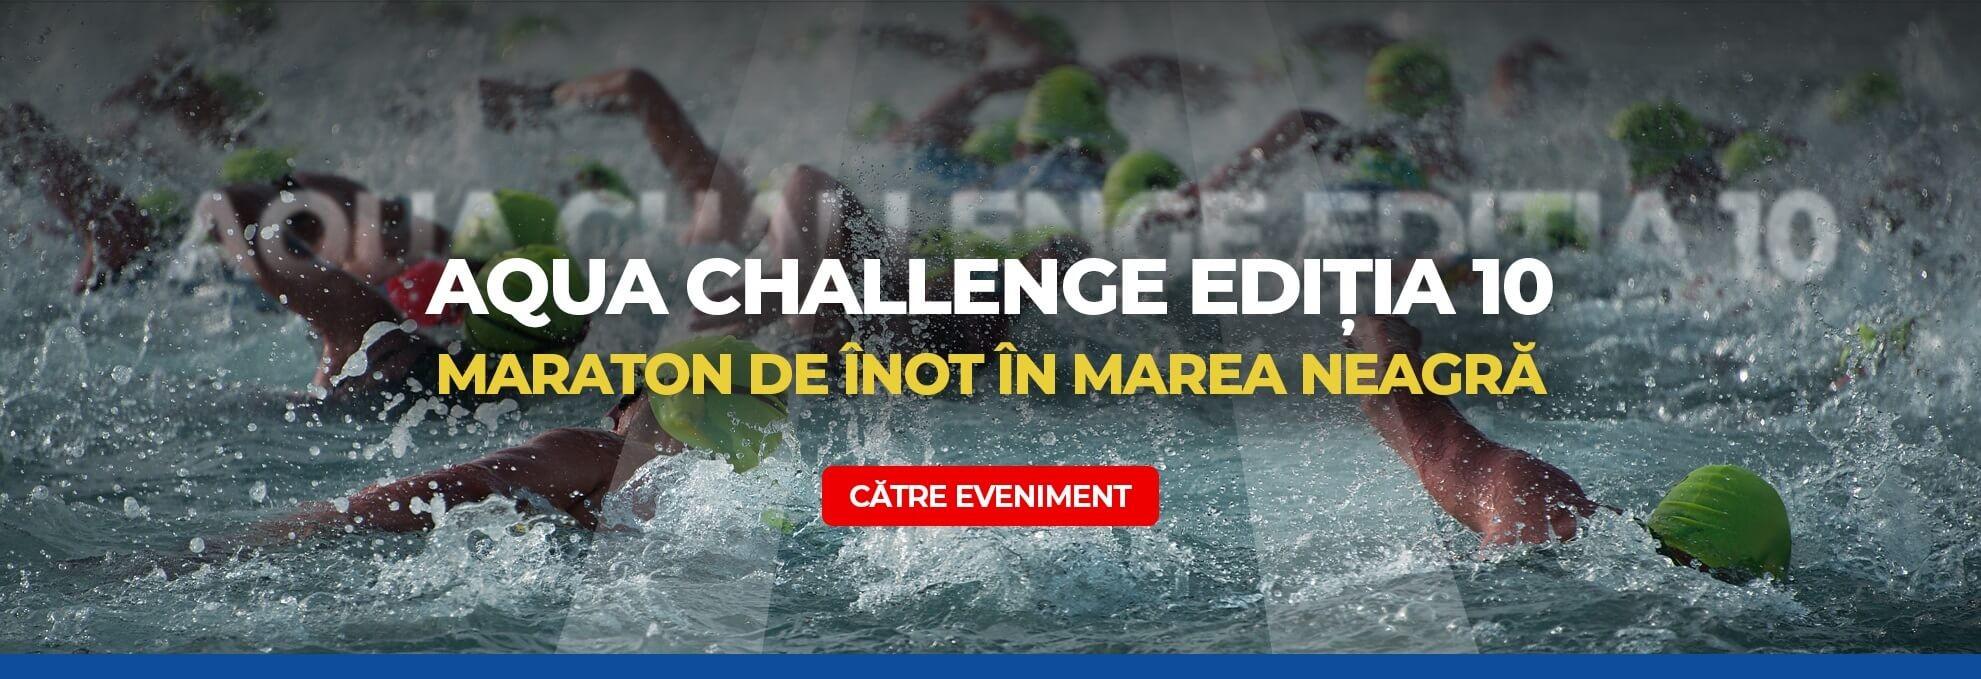 Aqua Challenge Editia 10